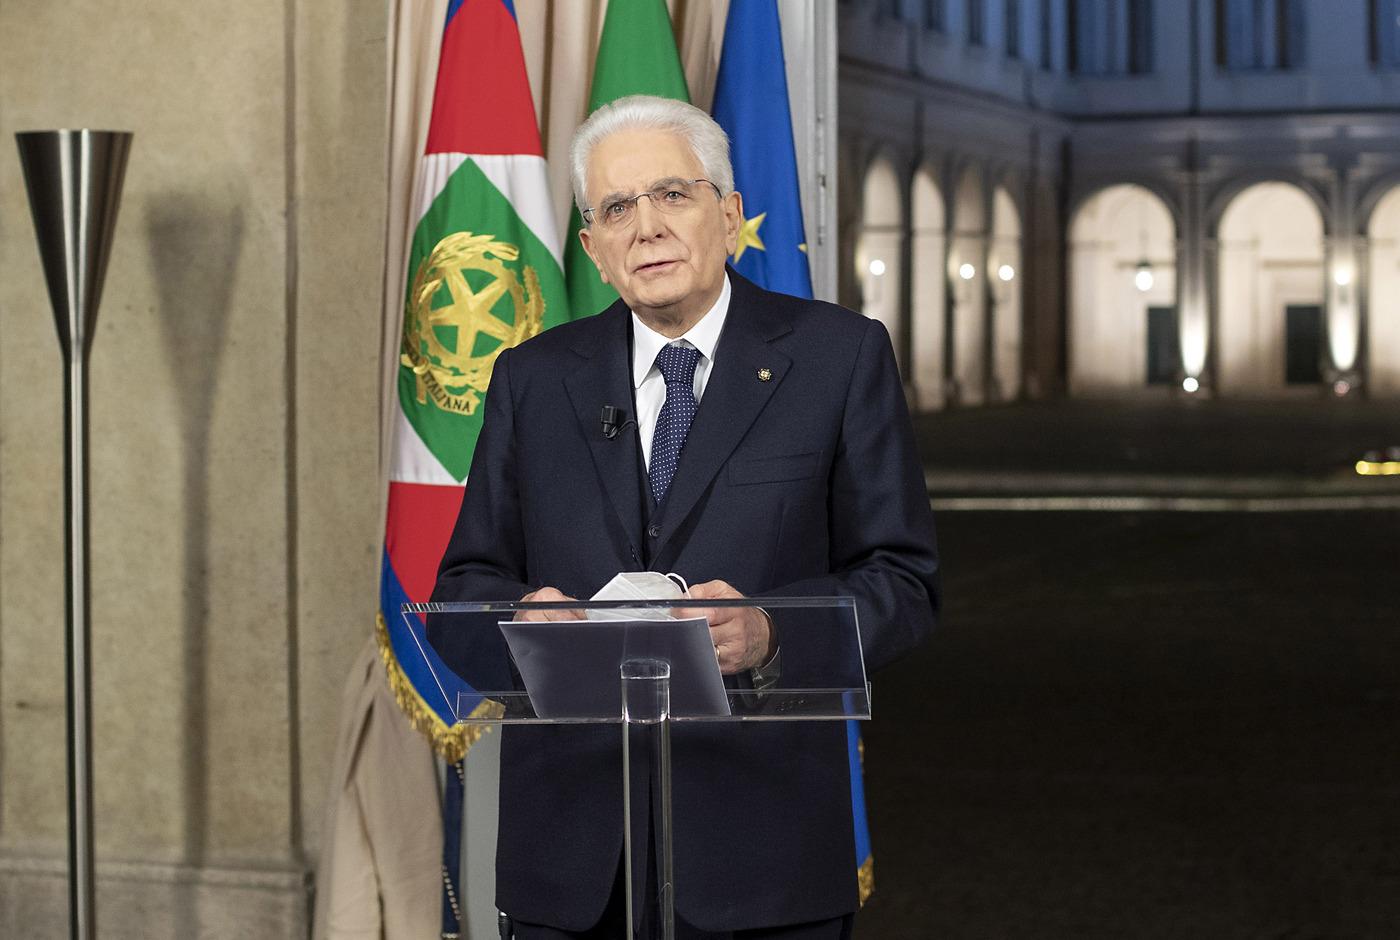 Il discorso di fine anno del Presidente della Repubblica Sergio Mattarella